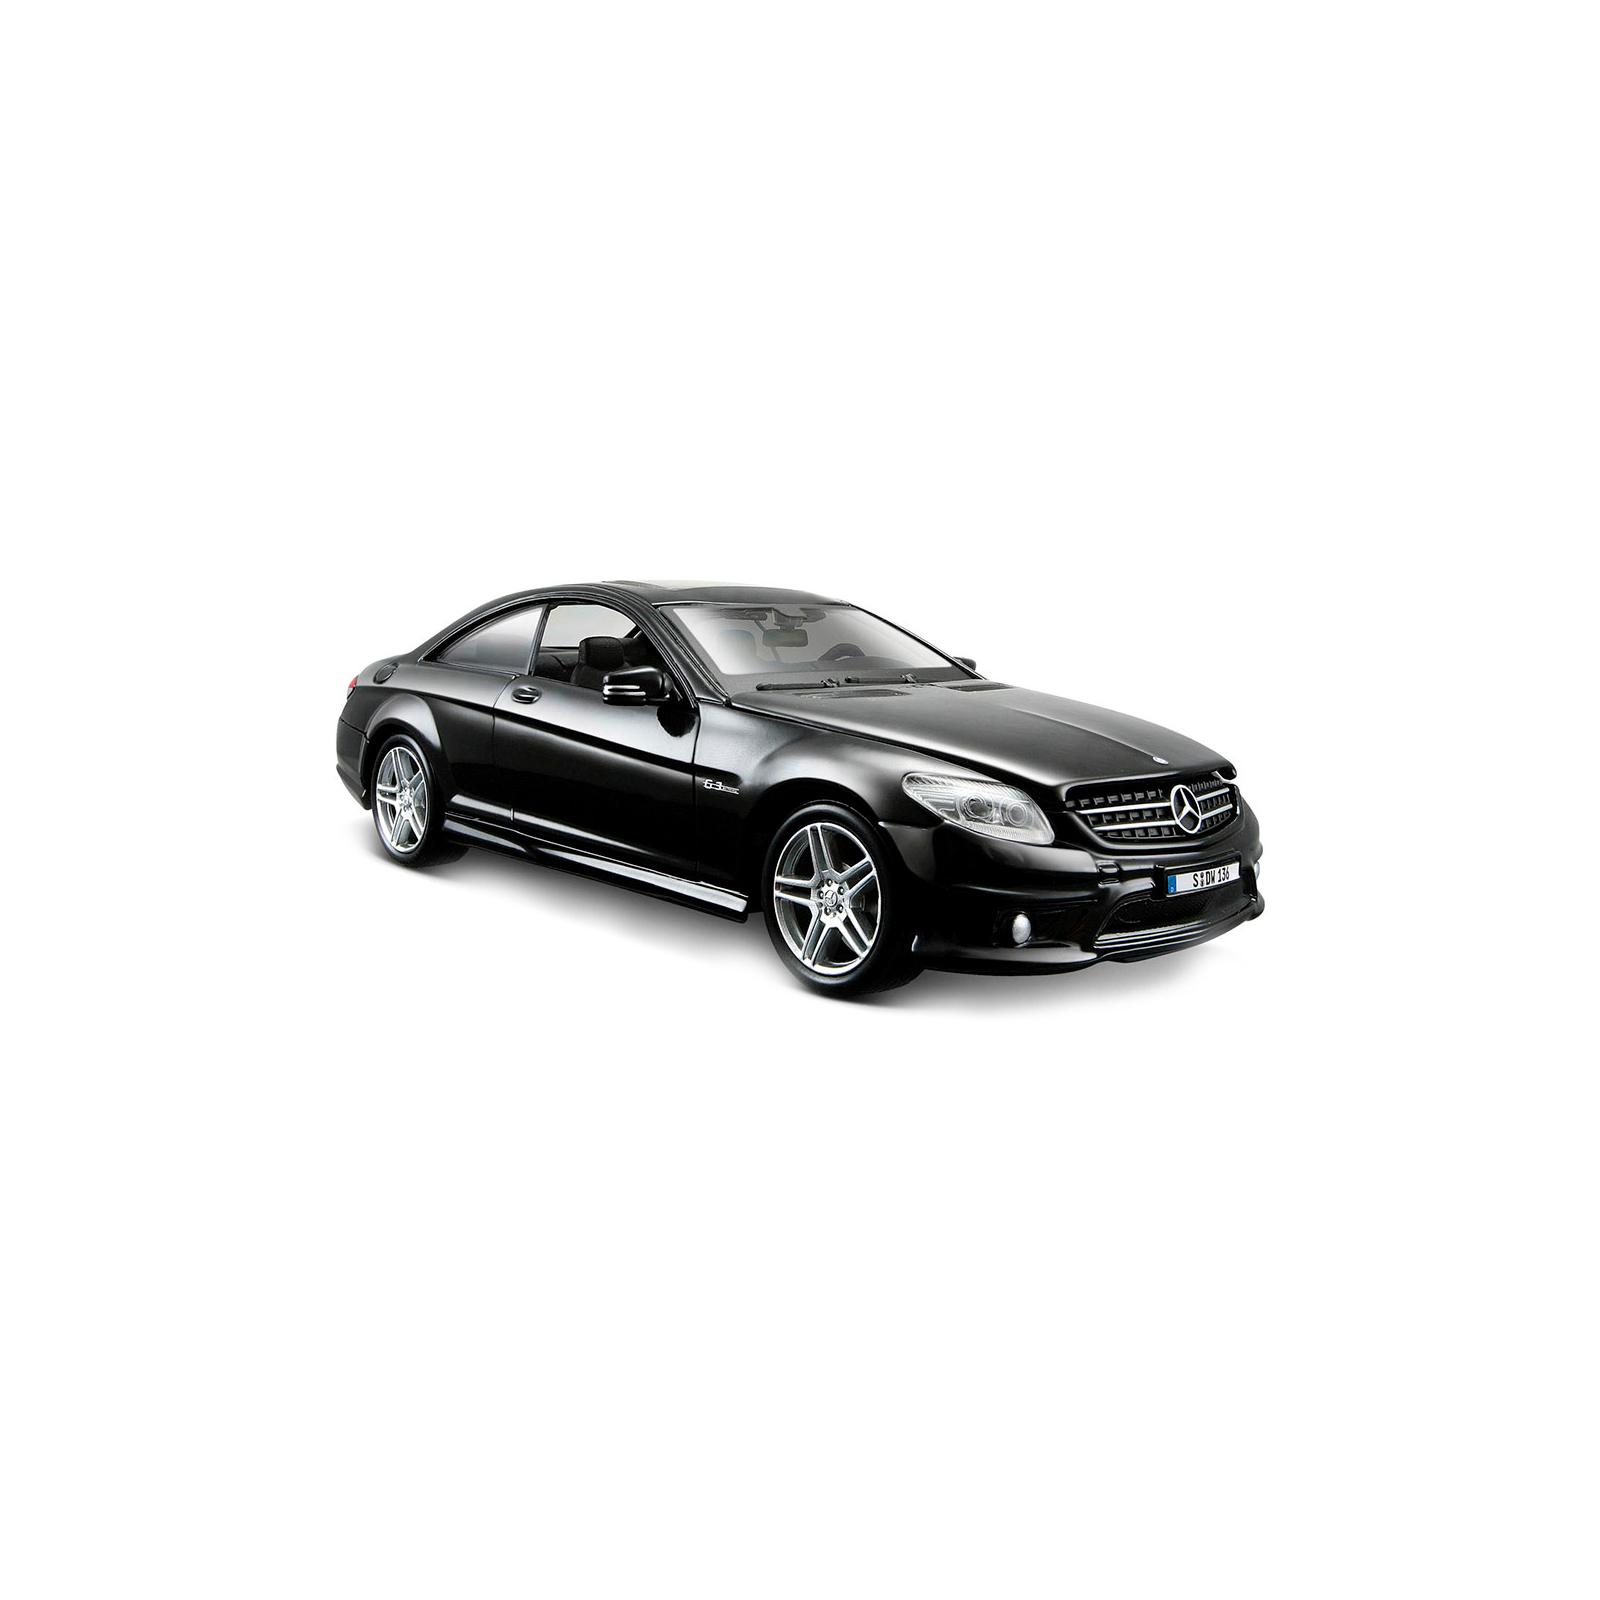 Машина Maisto Mercedes-Benz CL63 AMG (1:24) черный металлик (31297 met. black) изображение 4